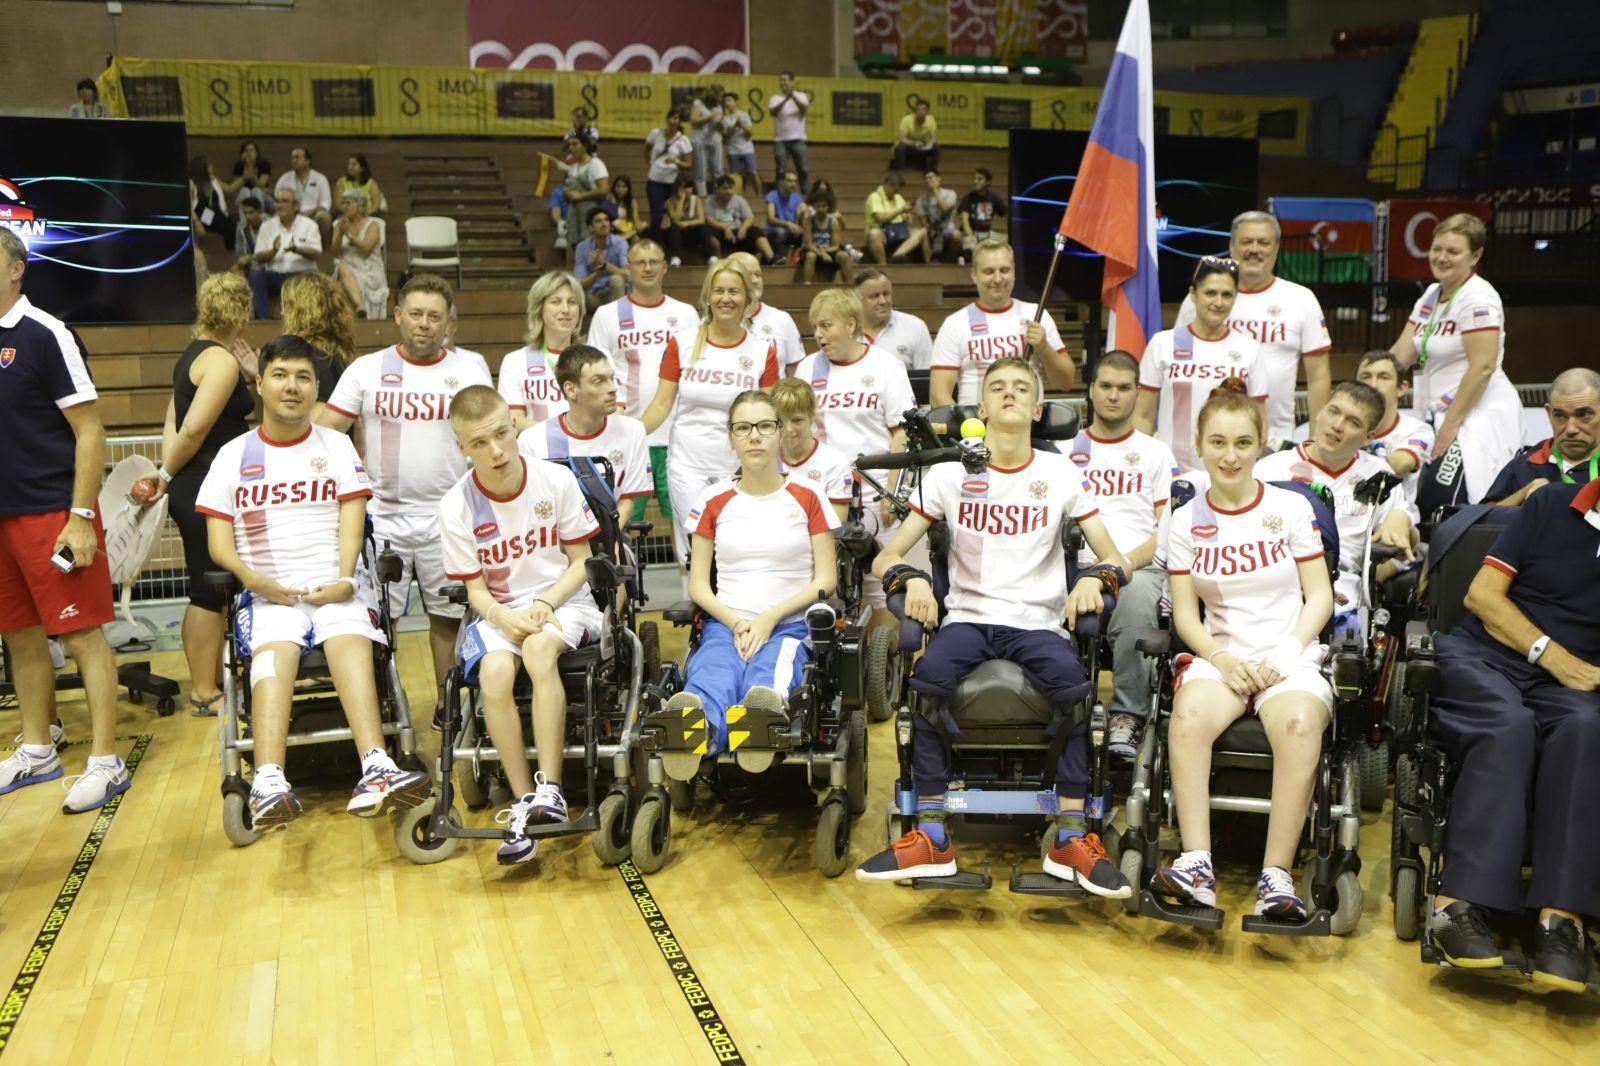 Серебряную и бронзовую медали завоевали российские боччисты по итогу личных соревнований чемпионата Европы в Испании